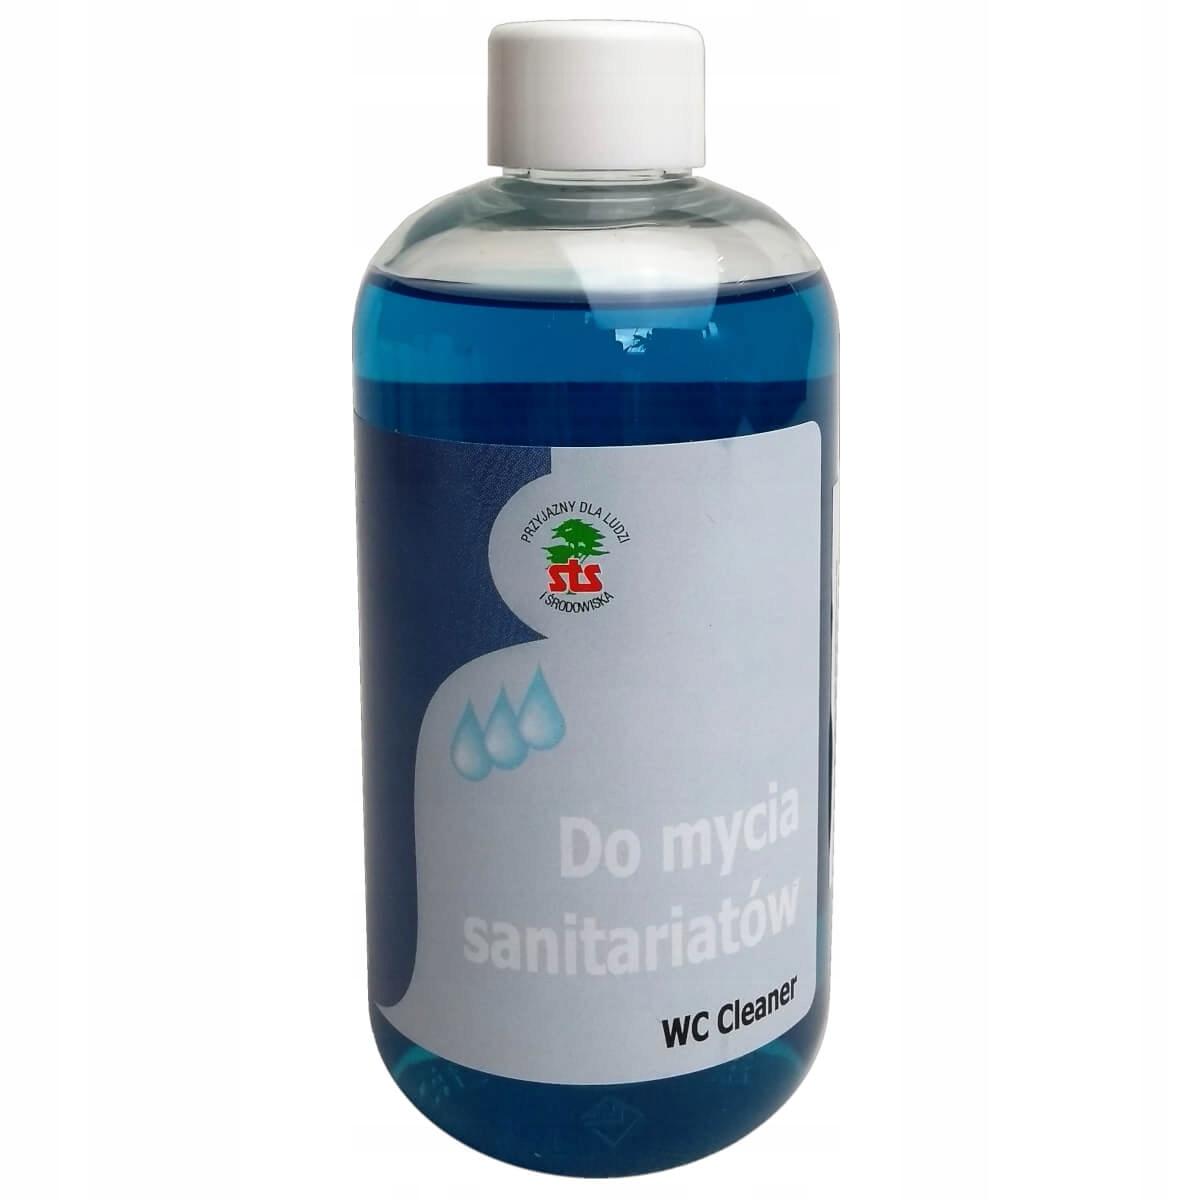 Puroclean Do mycia i dezynfekcji WC 300 ml